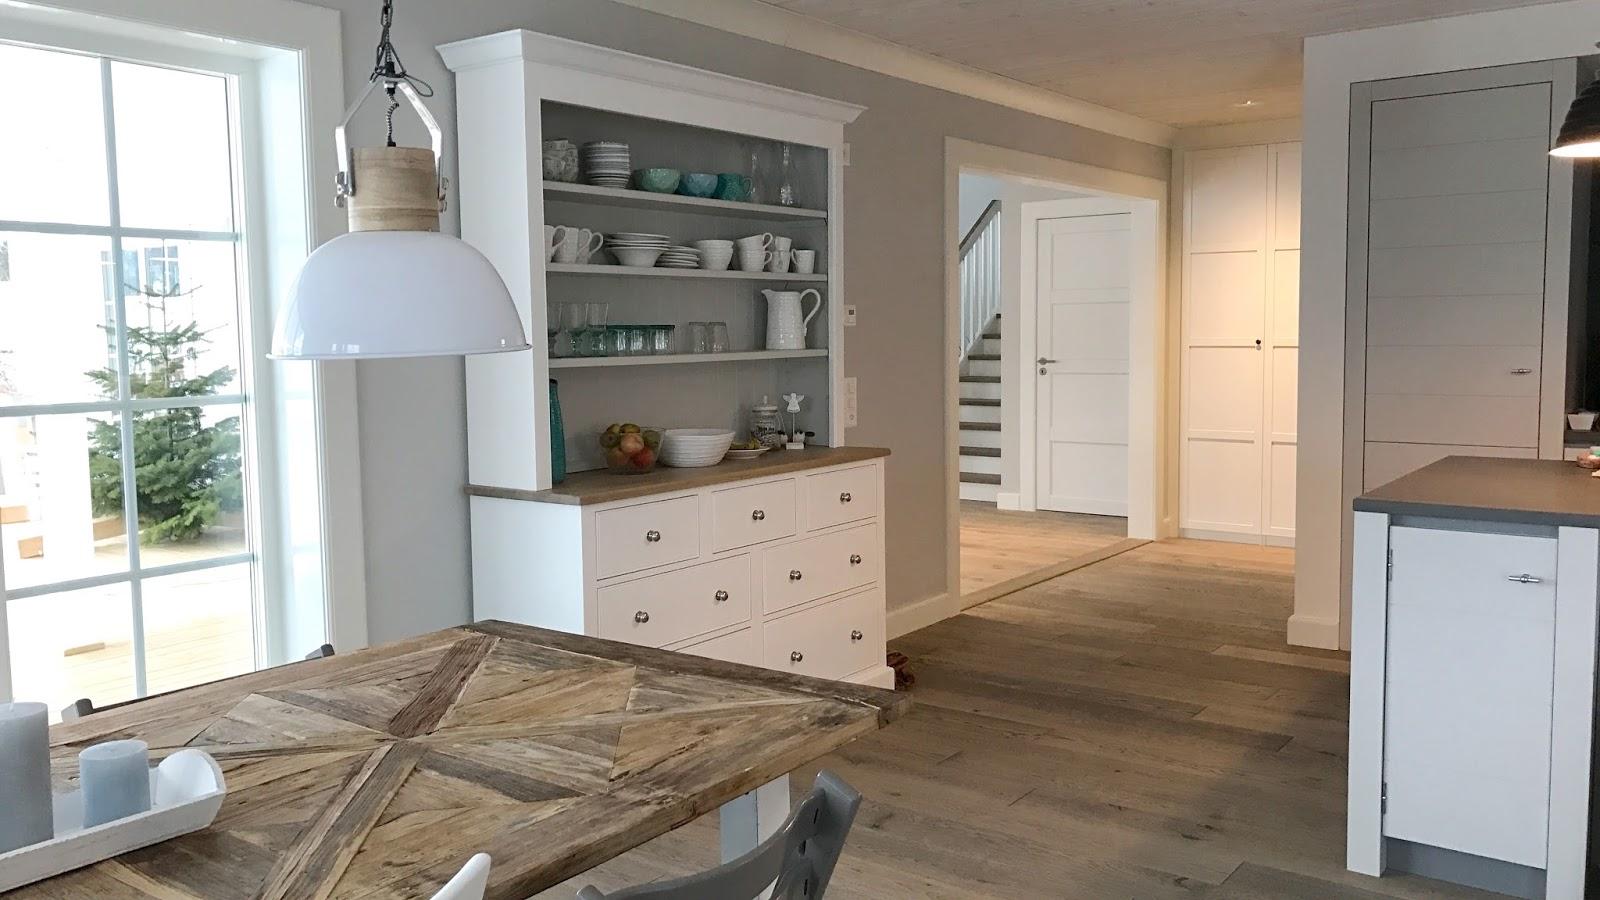 Schwedenhaus inneneinrichtung  Unser erster Monat im neuen Schwedenhaus! - Beachhouse Living